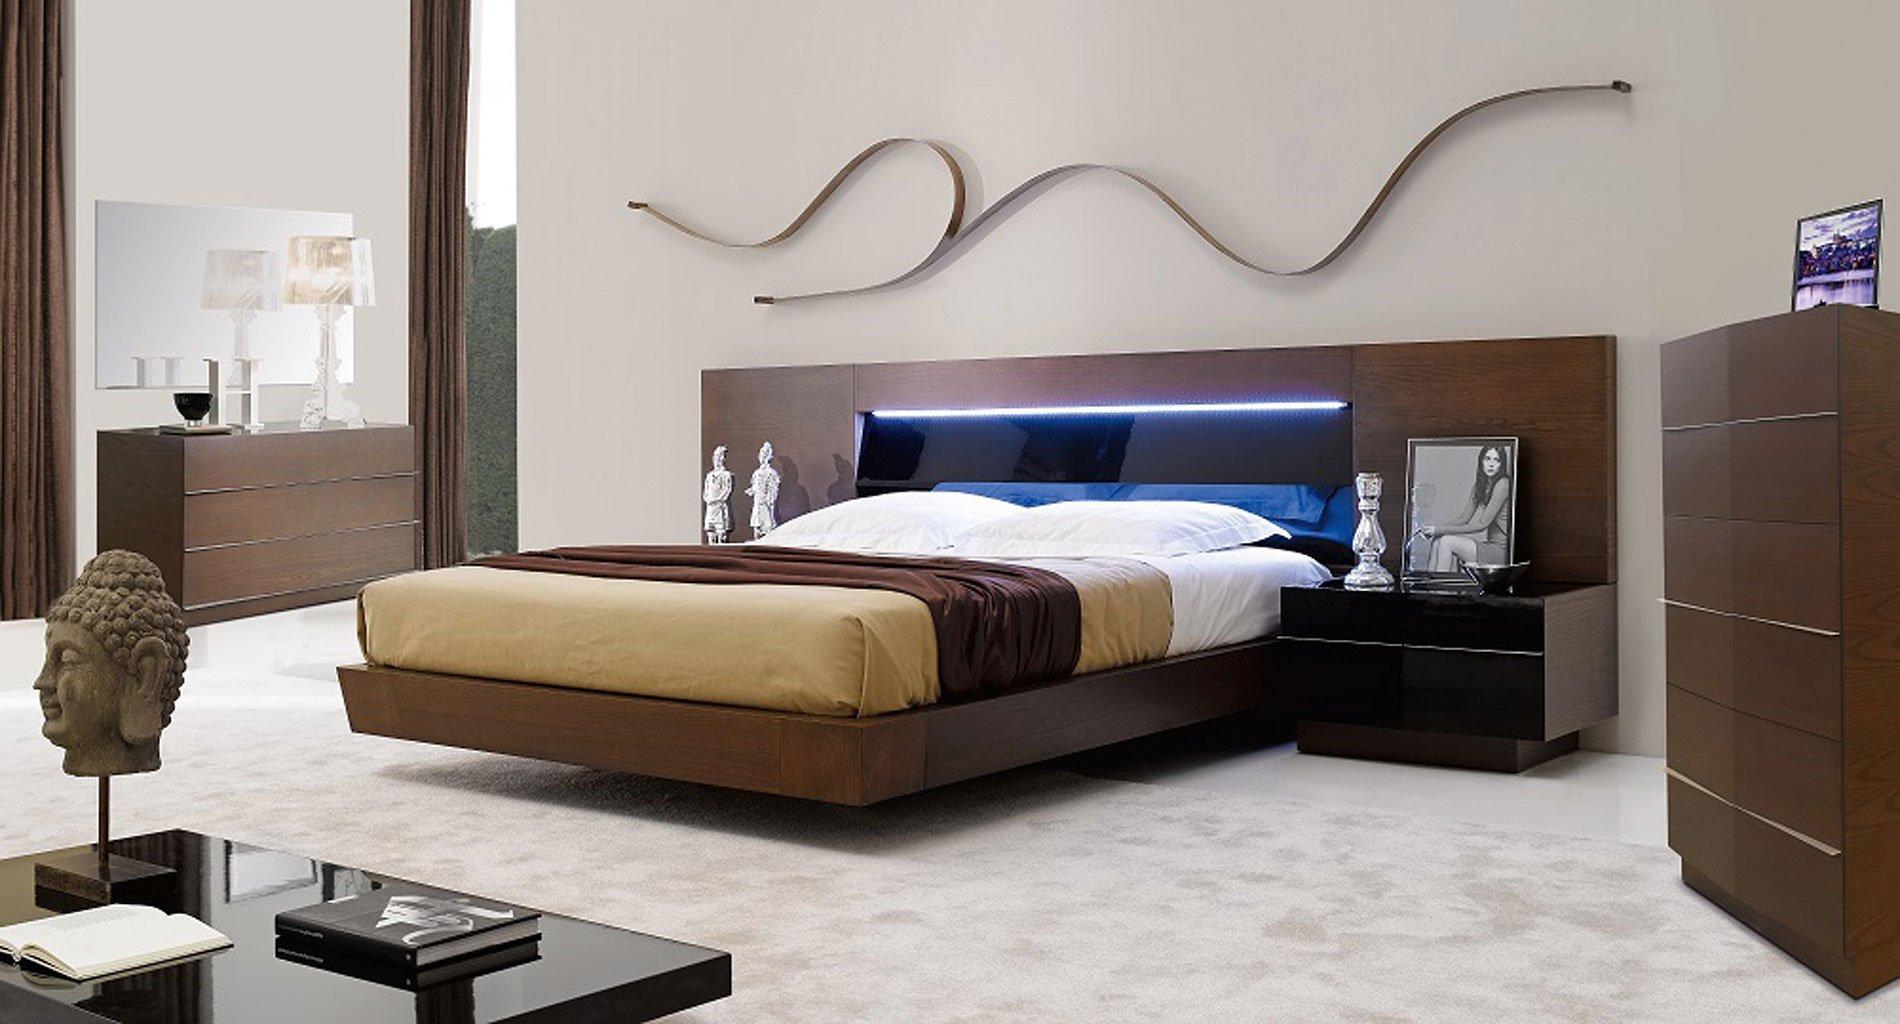 Charmant Barcelona Platform Bedroom Set